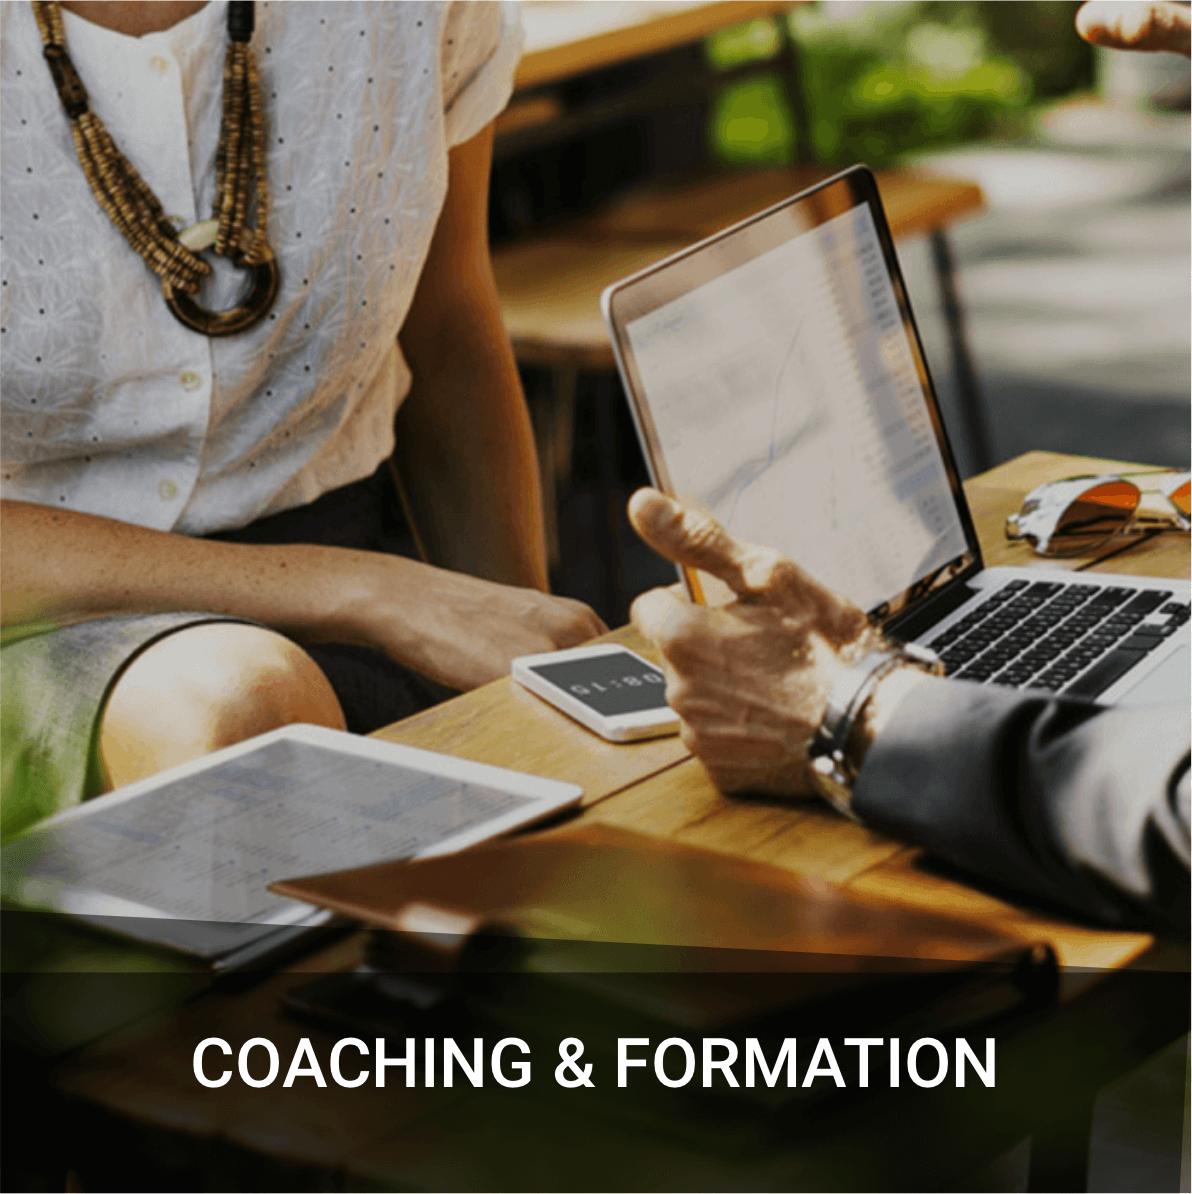 Image représentant les réalisations de coaching & formation